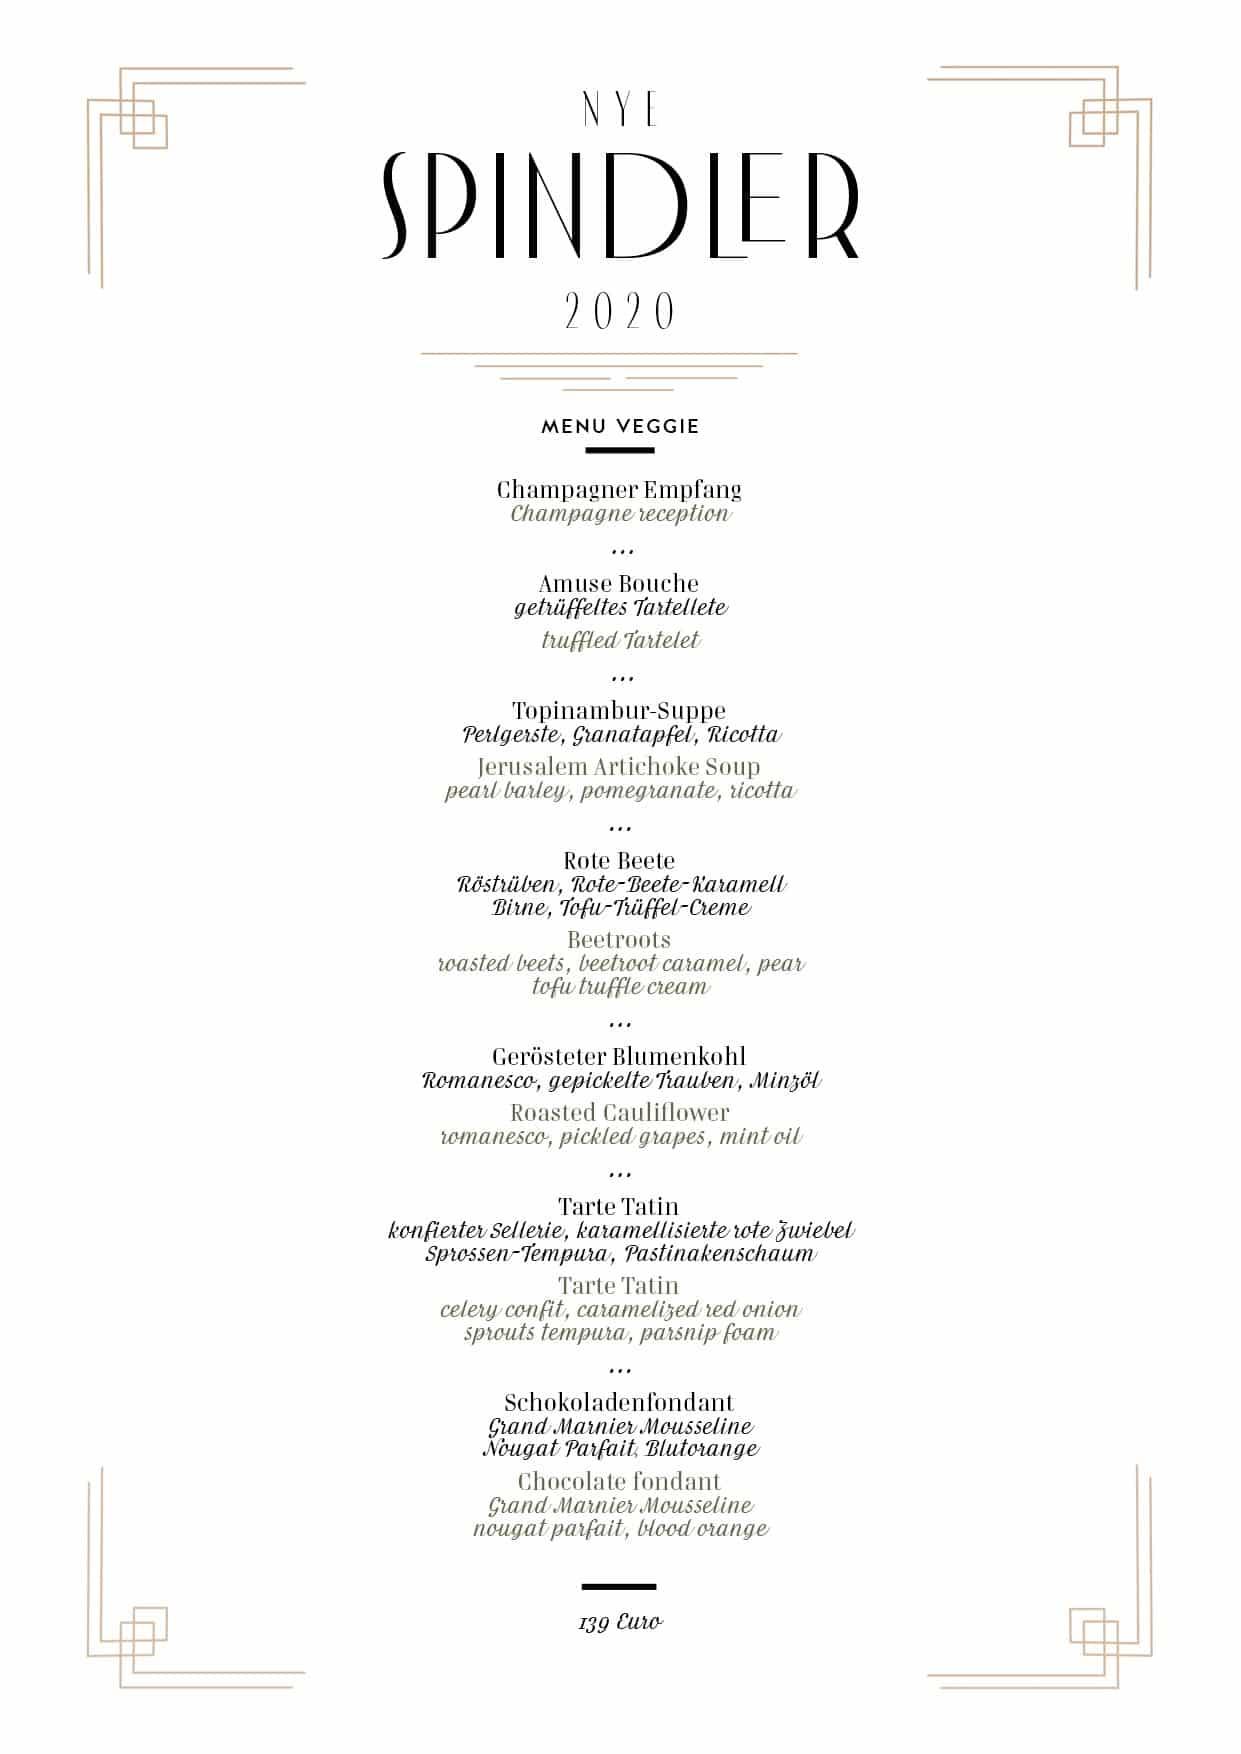 Spindler Restaurant Berlin Silvester NYE 2020 MENU veggie